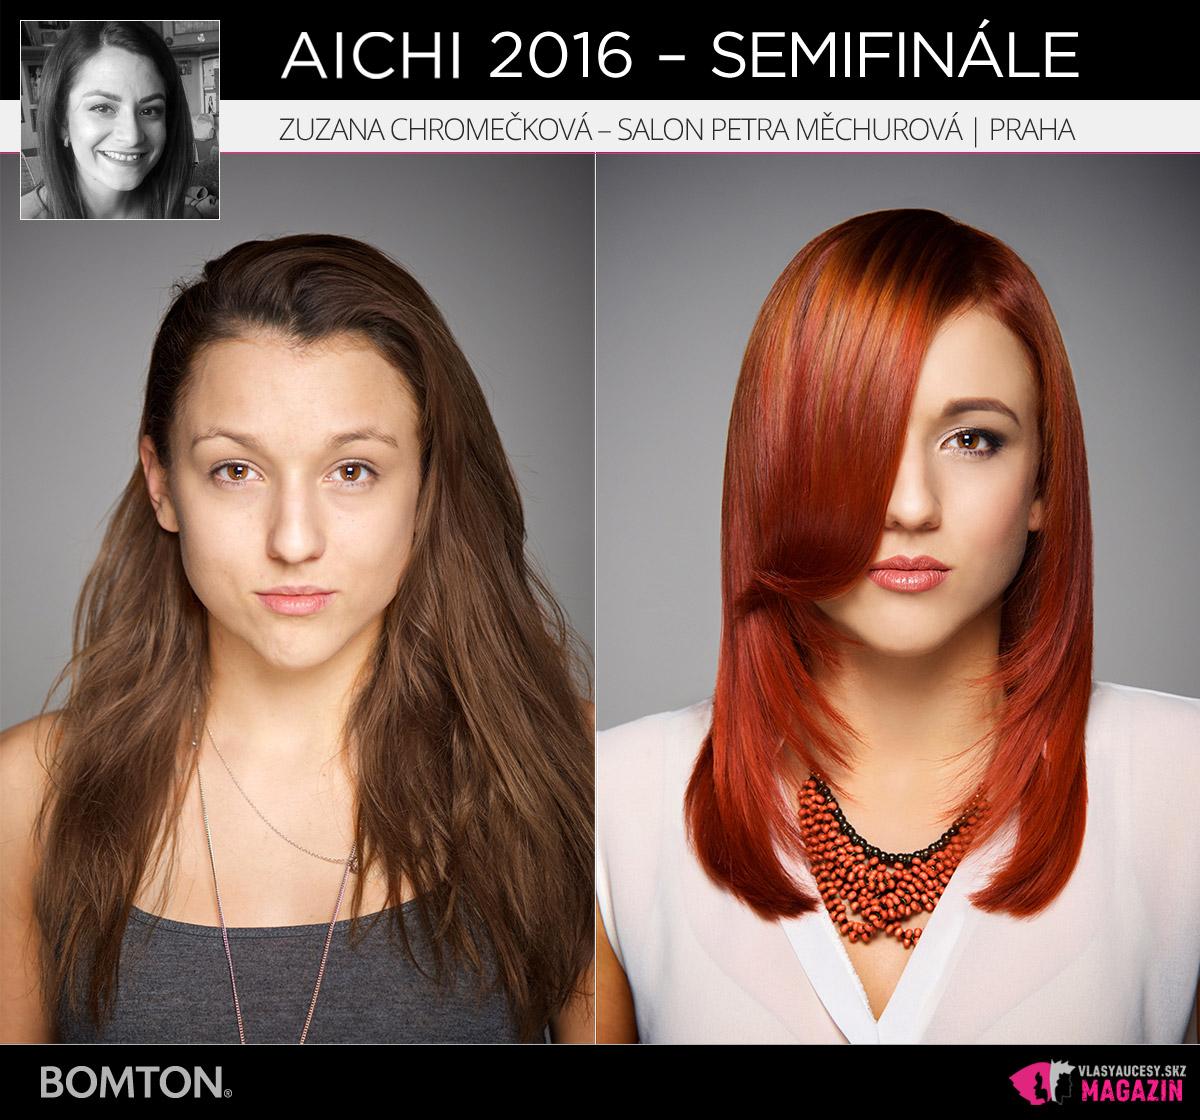 Zuzana Chromečková – Salon Petra Měchurová, Praha | Premeny AICHI 2016 – postupujúci do semifinálového kola